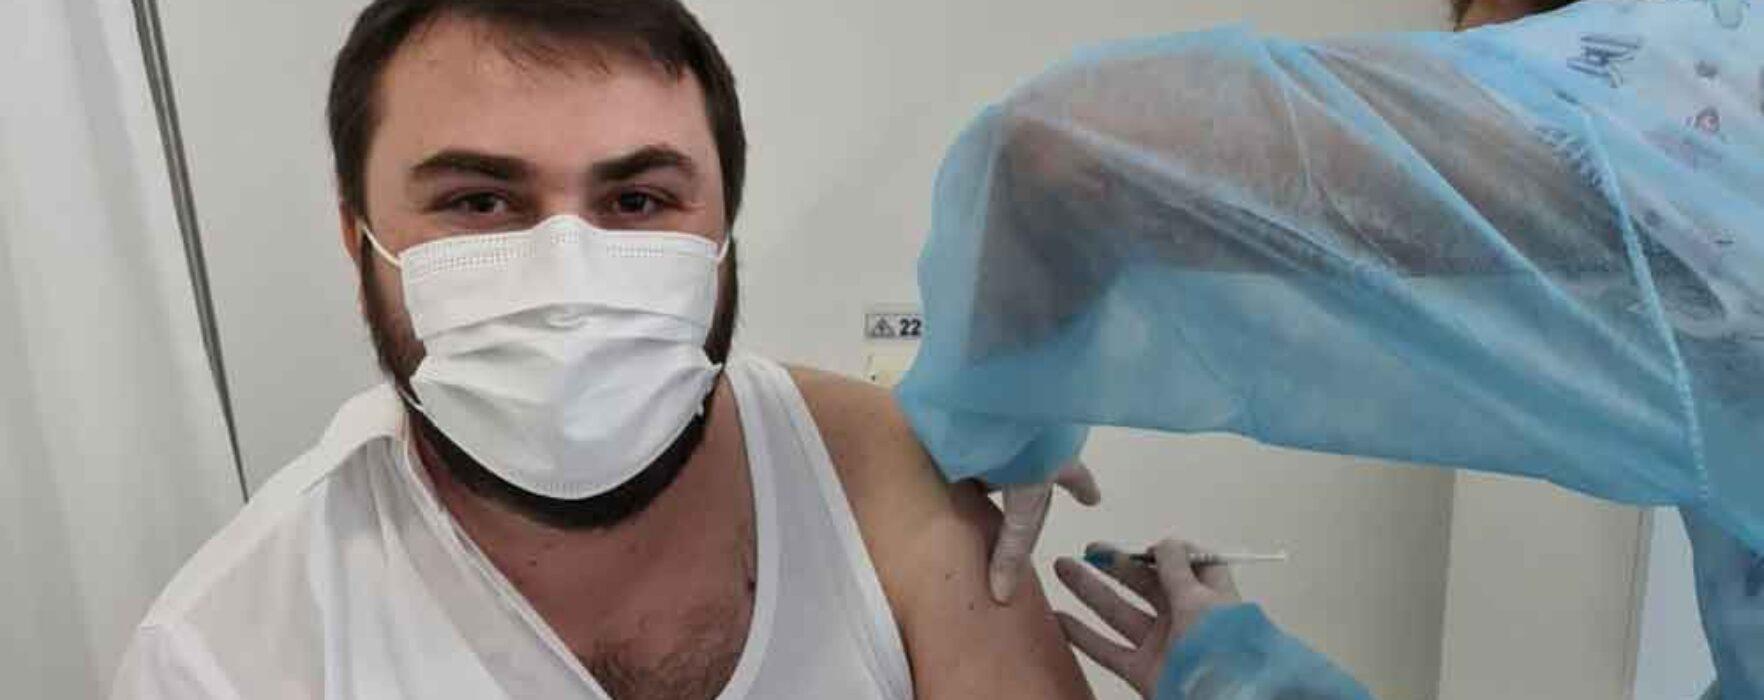 Preşedintele Crucii Roşii Dâmboviţa, Ionuț Ghibanu: M-am vaccinat, nu am ezitat!